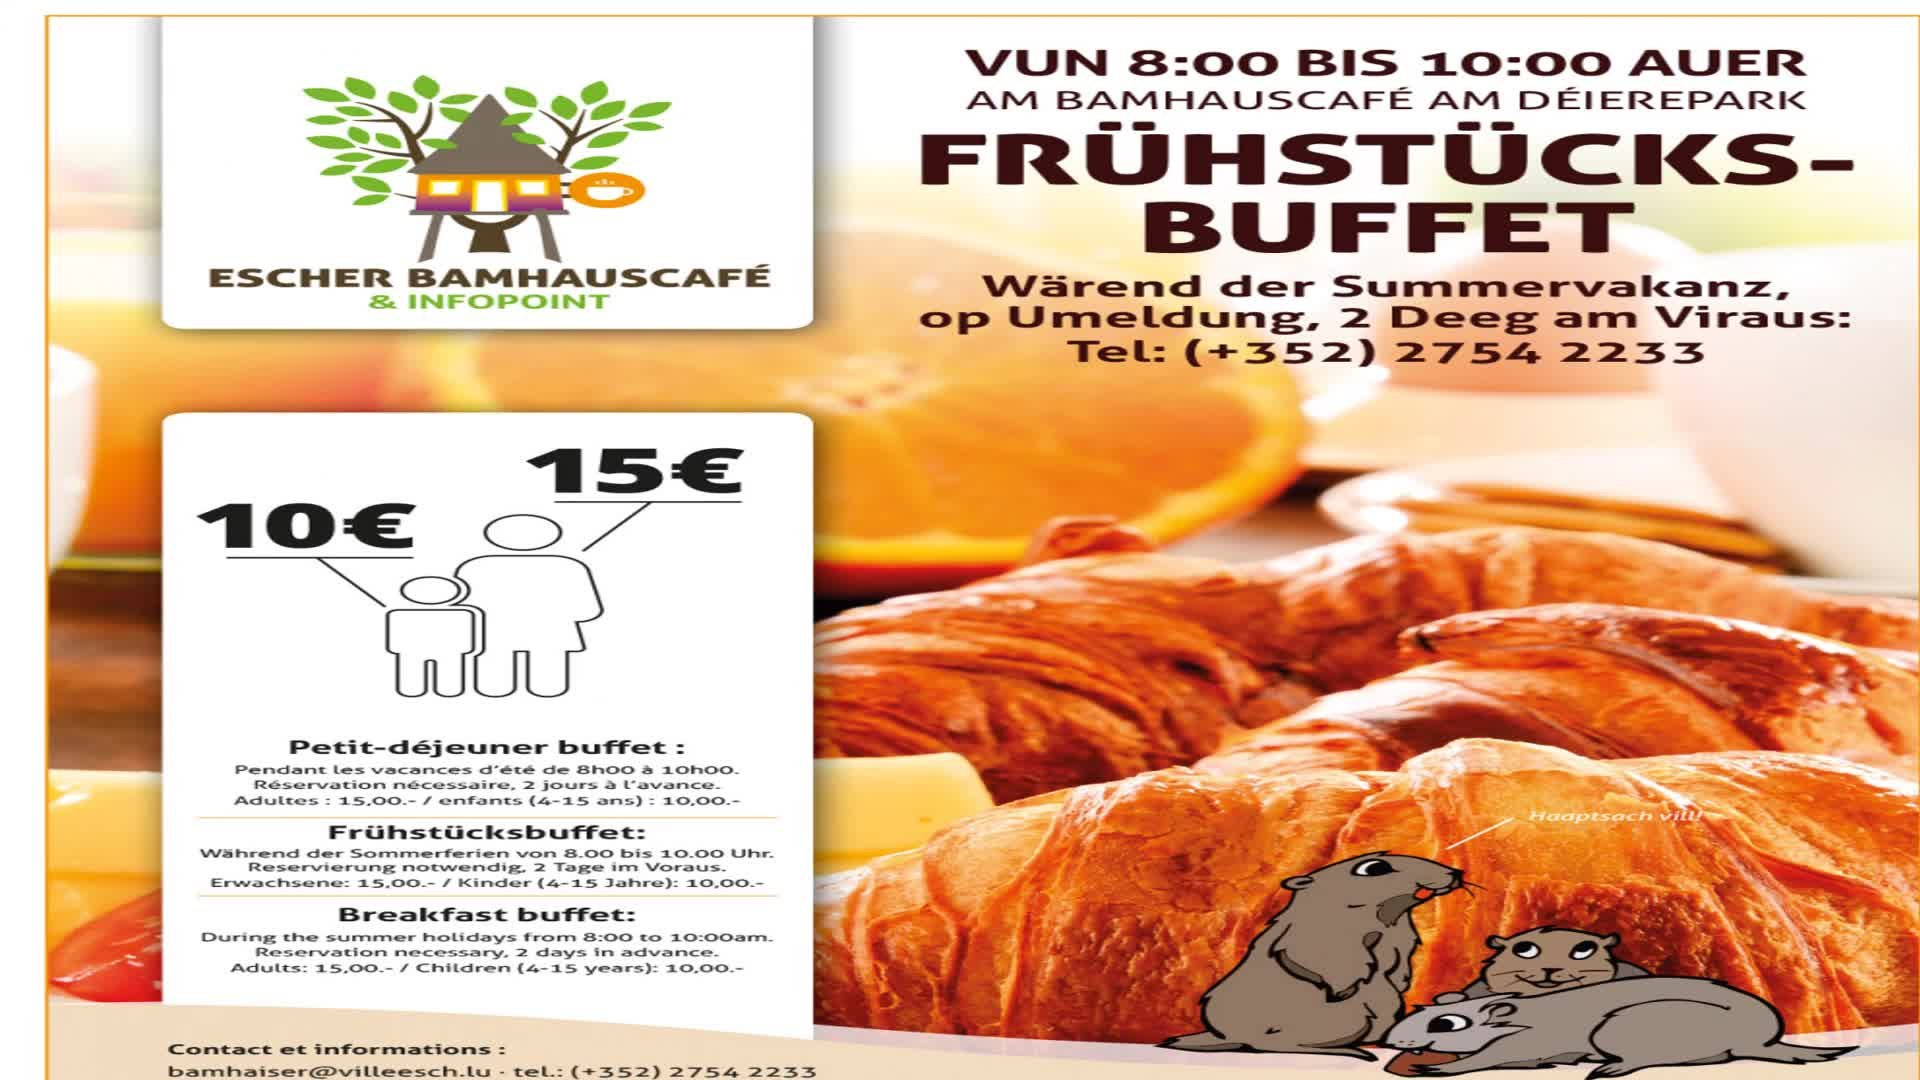 Bamhauscafé am Deierepark - Frühstücksbuffet